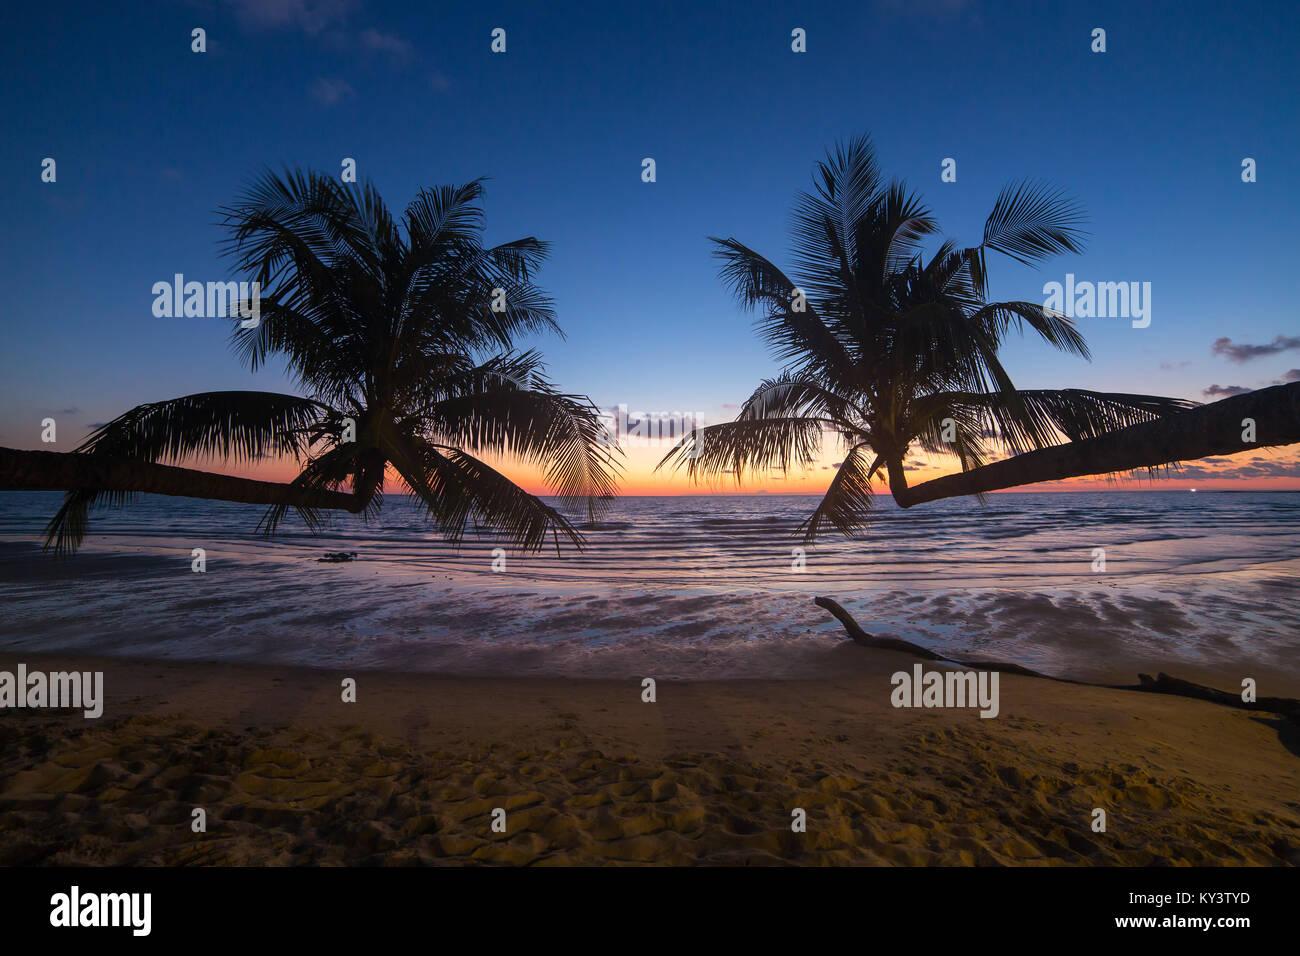 Palmen bei Sonnenuntergang auf einem wunderschönen tropischen Strand auf Koh Kood Insel in Thailand. Stockbild